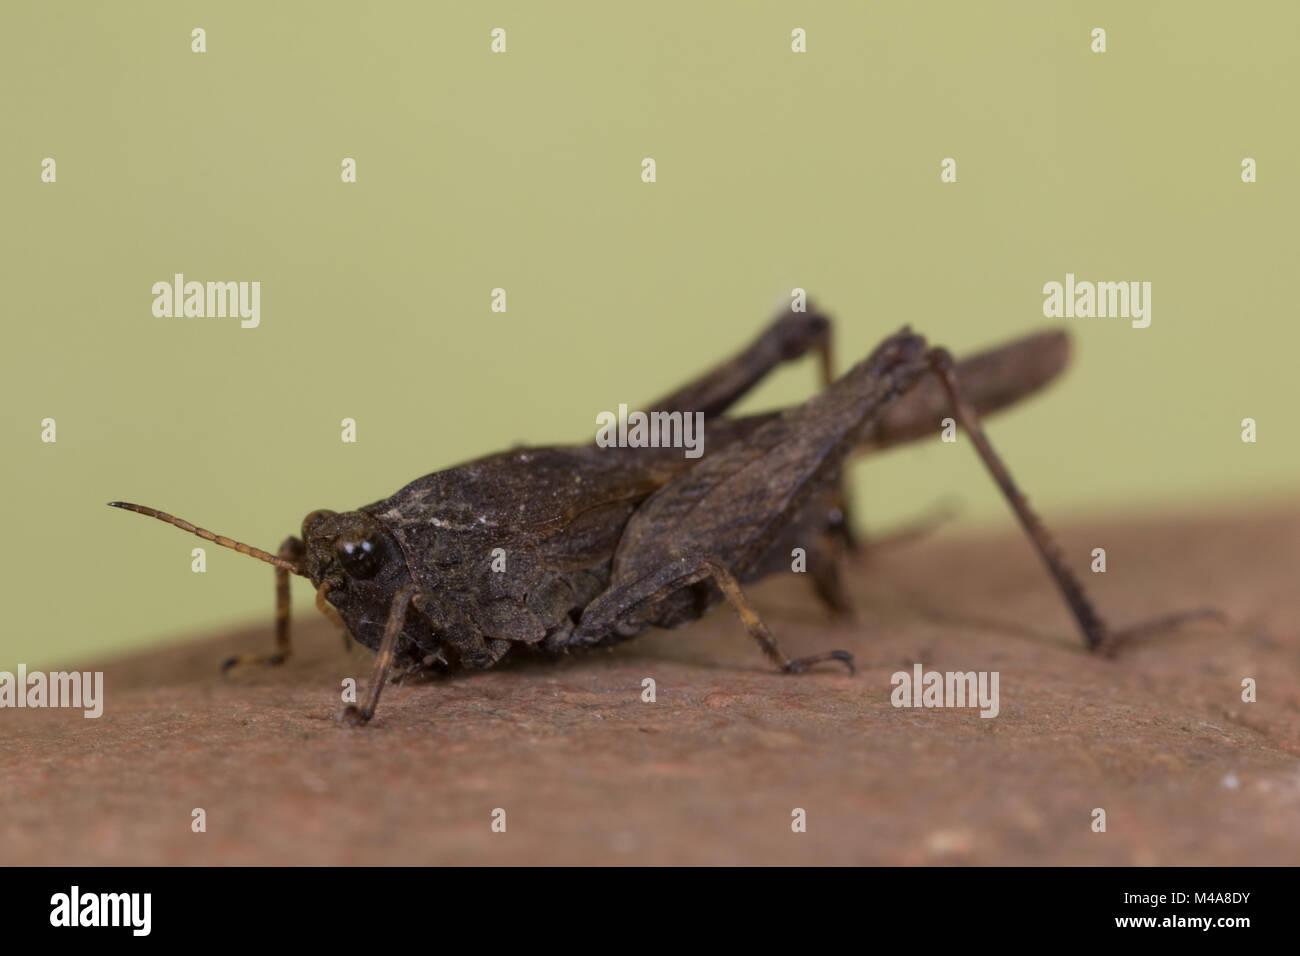 Slender Groundhopper (Tetrix subulata) on a dead leaf - Stock Image